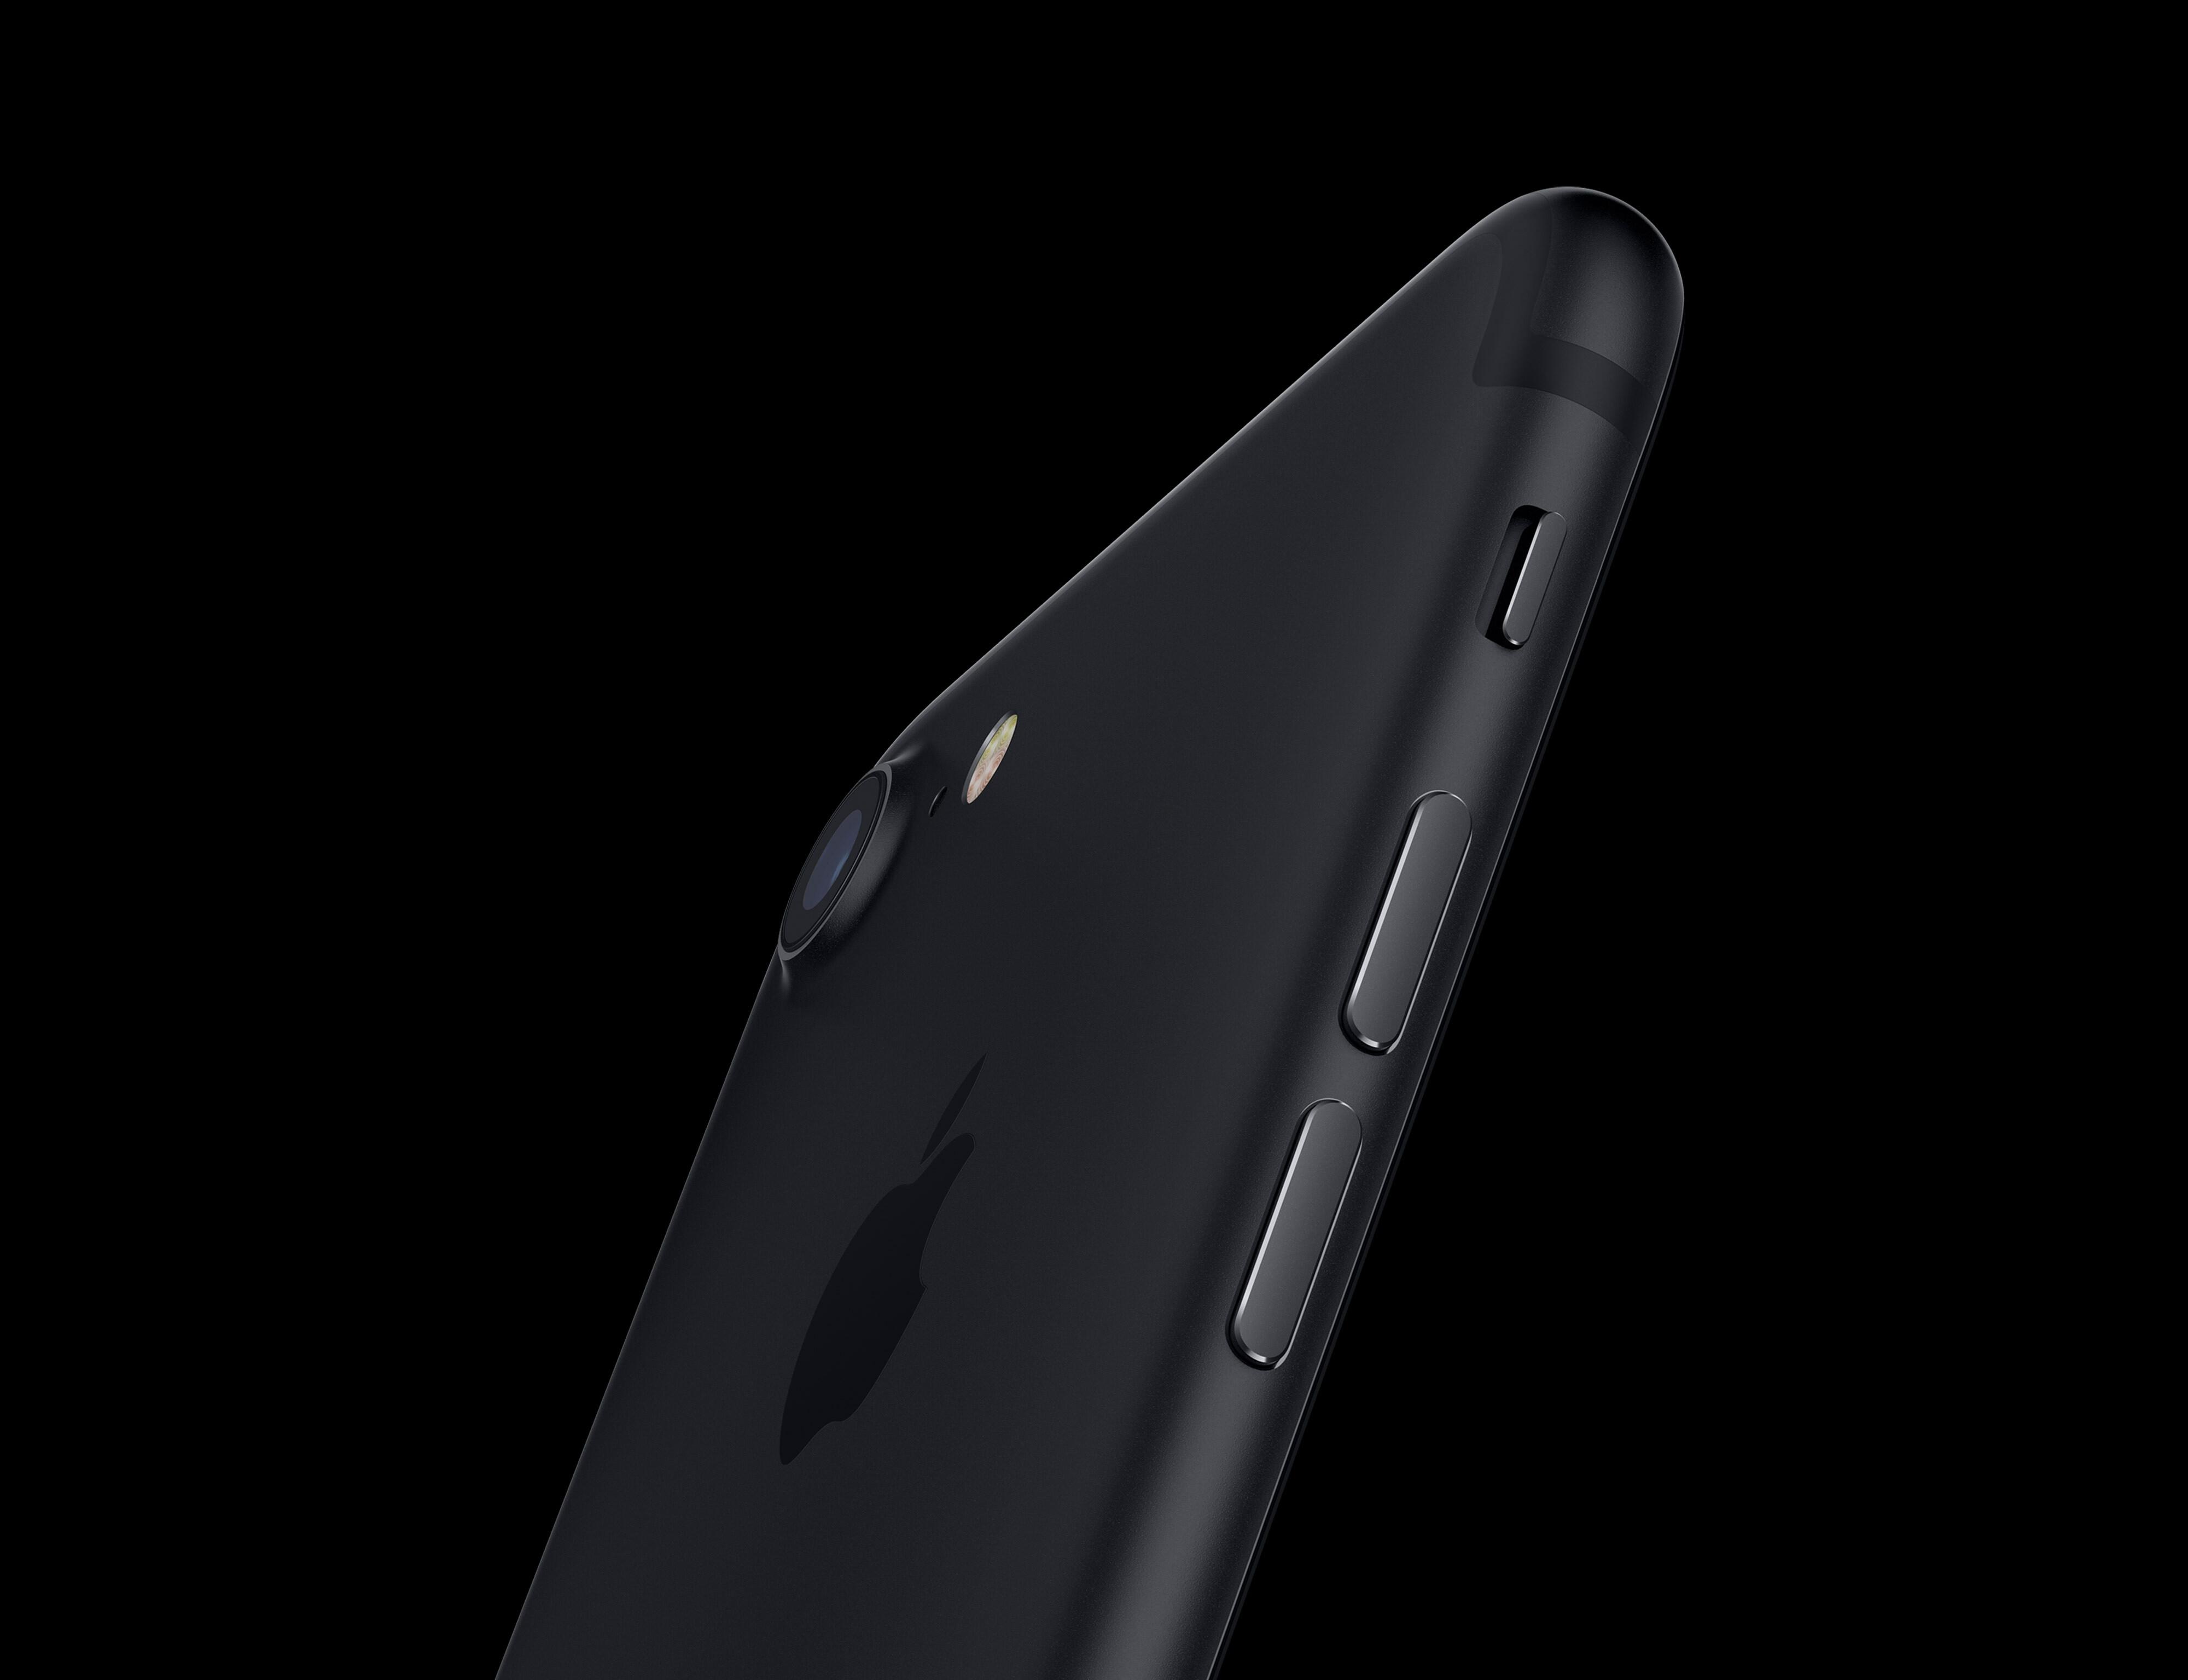 Risultati immagini per iPhone 7 matte black